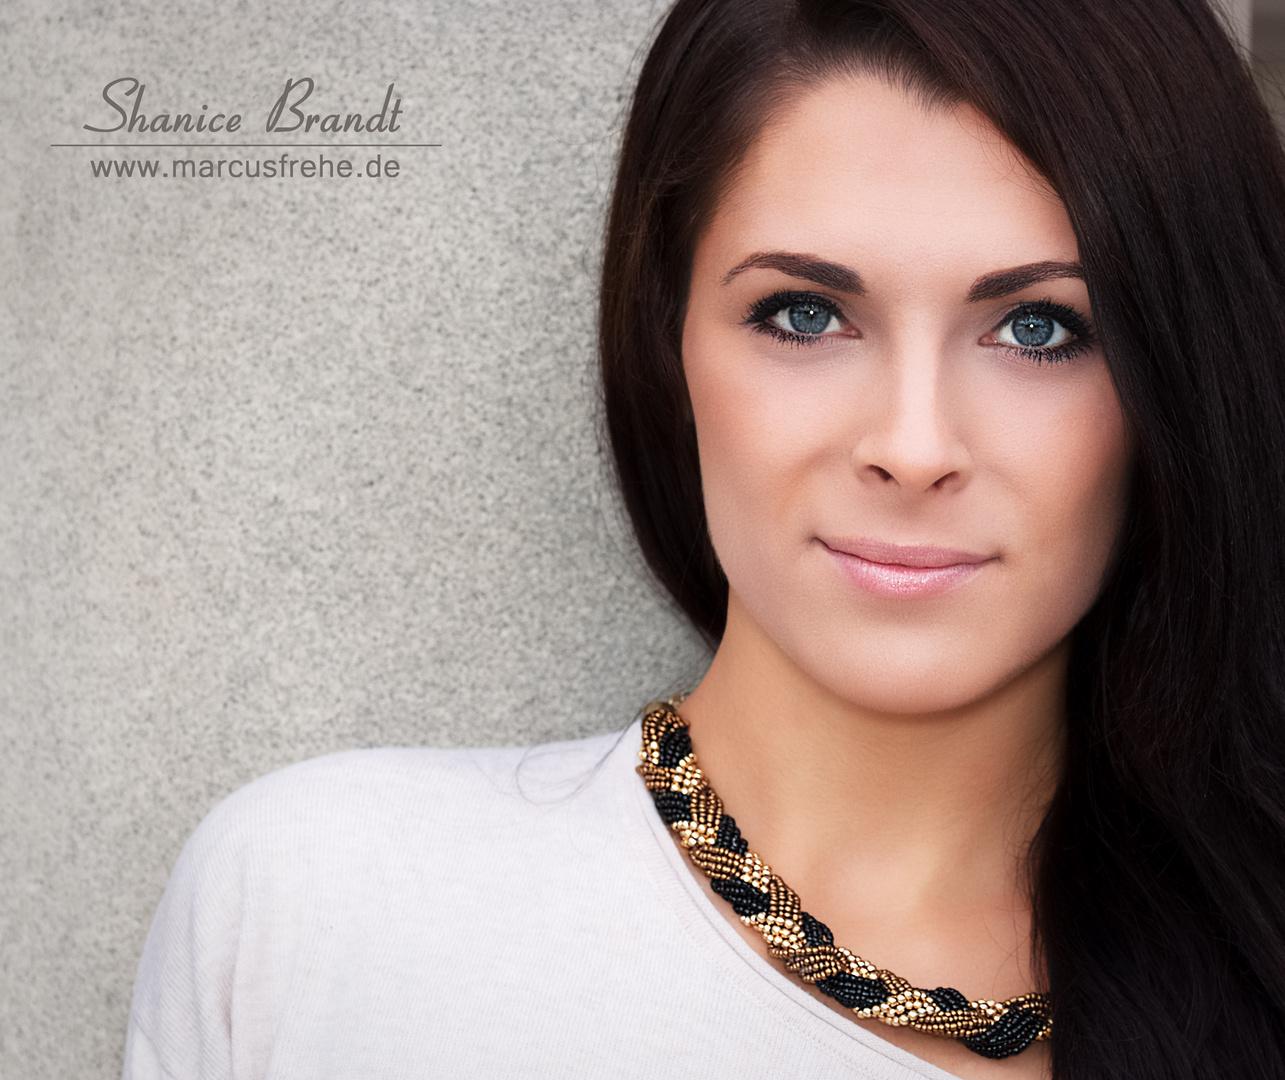 Shancie Brandt